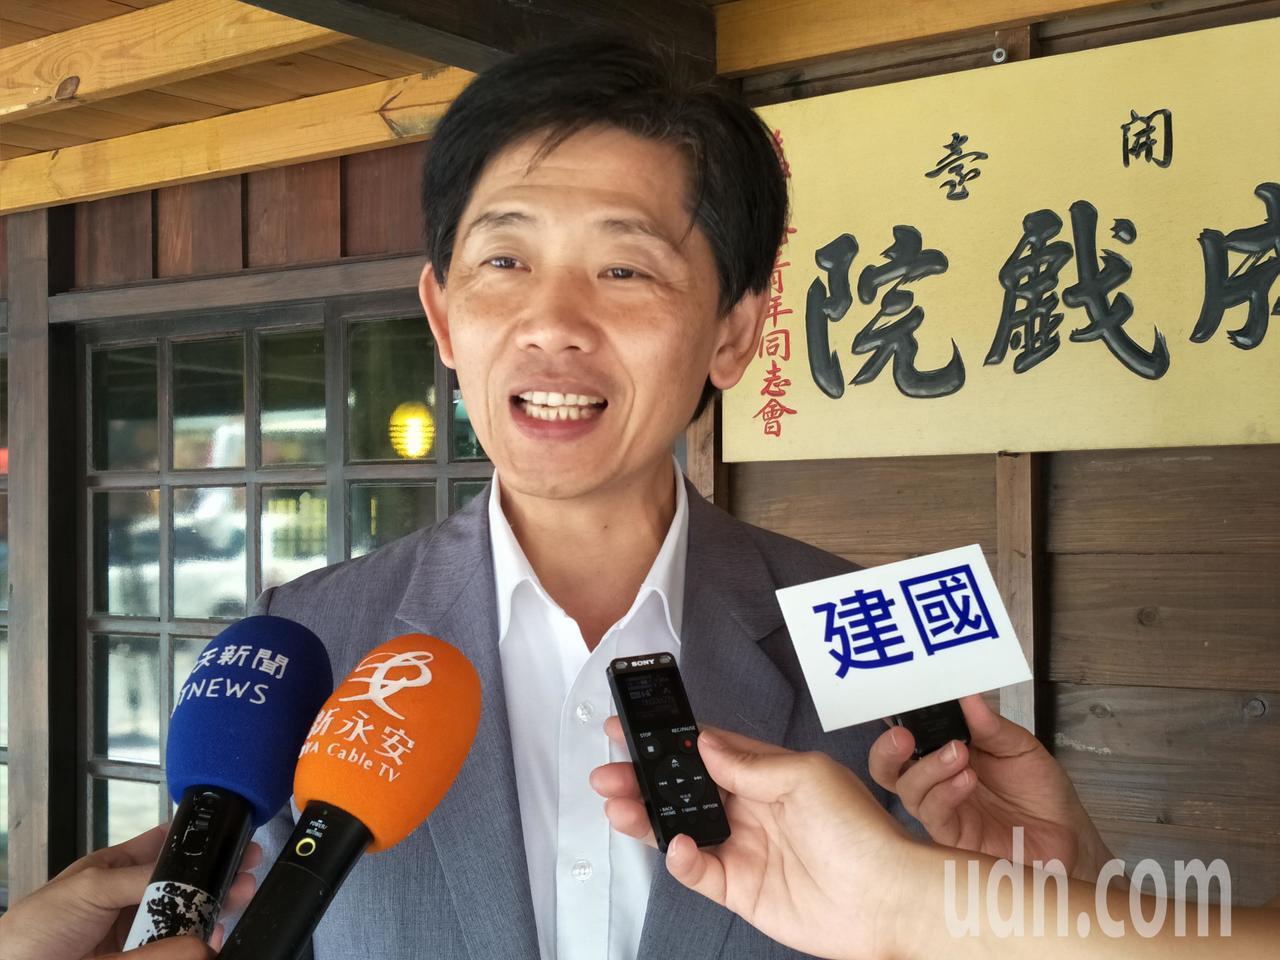 台南市政府文化局長葉澤山說明夏至藝術節特色。記者謝進盛/攝影